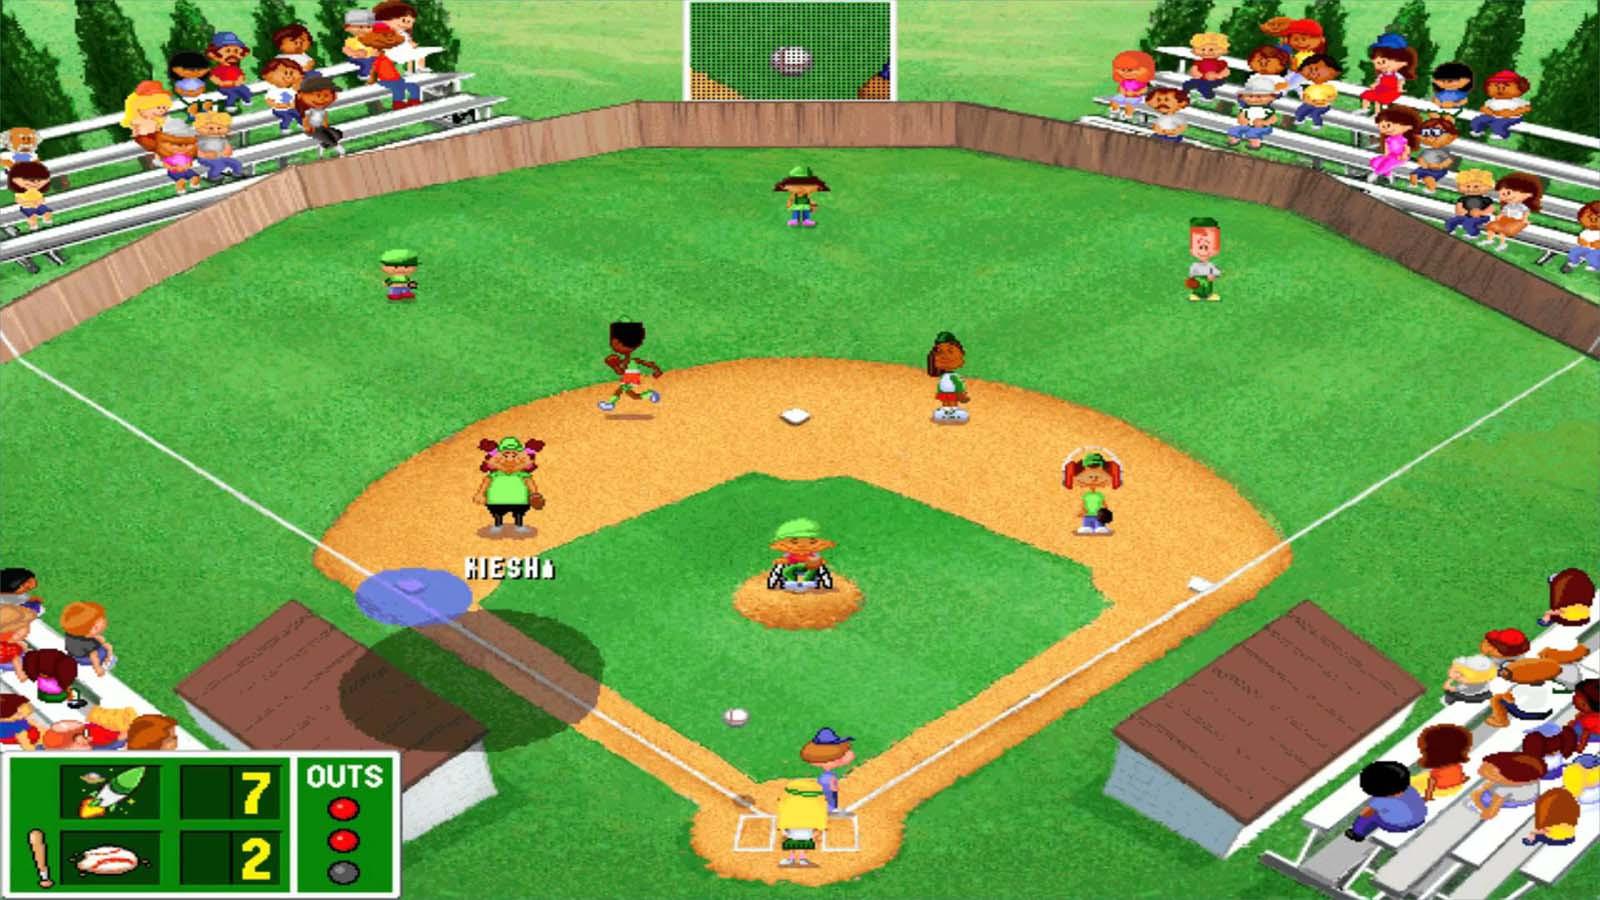 Best ideas about Backyard Baseball Players . Save or Pin Backyard Baseball USA ISO Now.